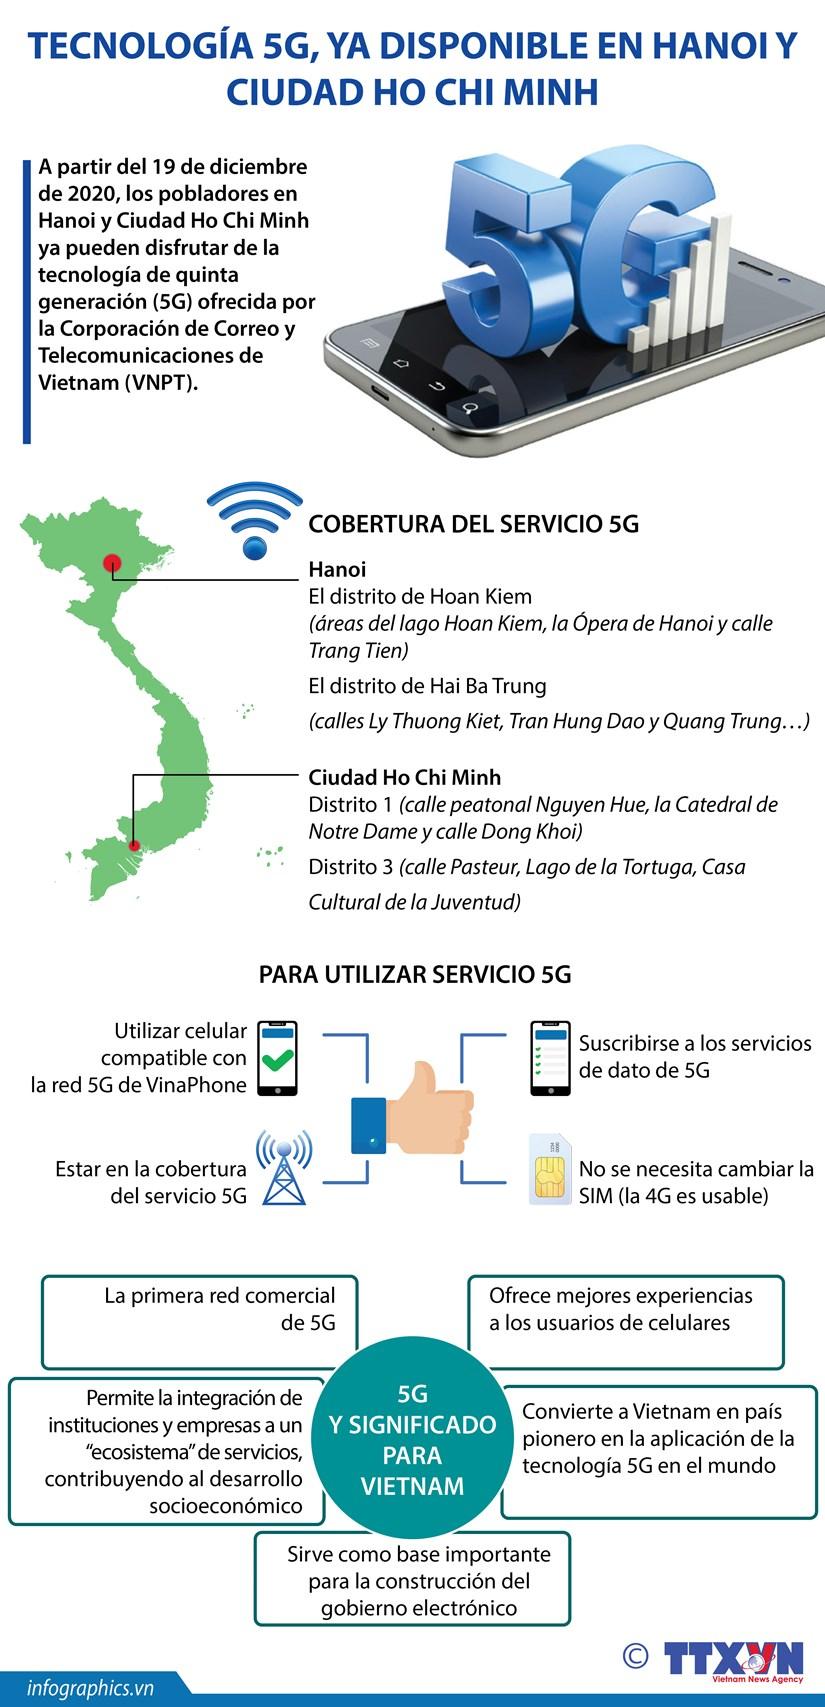 Tecnologia 5G, ya disponible en Hanoi y Ciudad Ho Chi Minh hinh anh 1